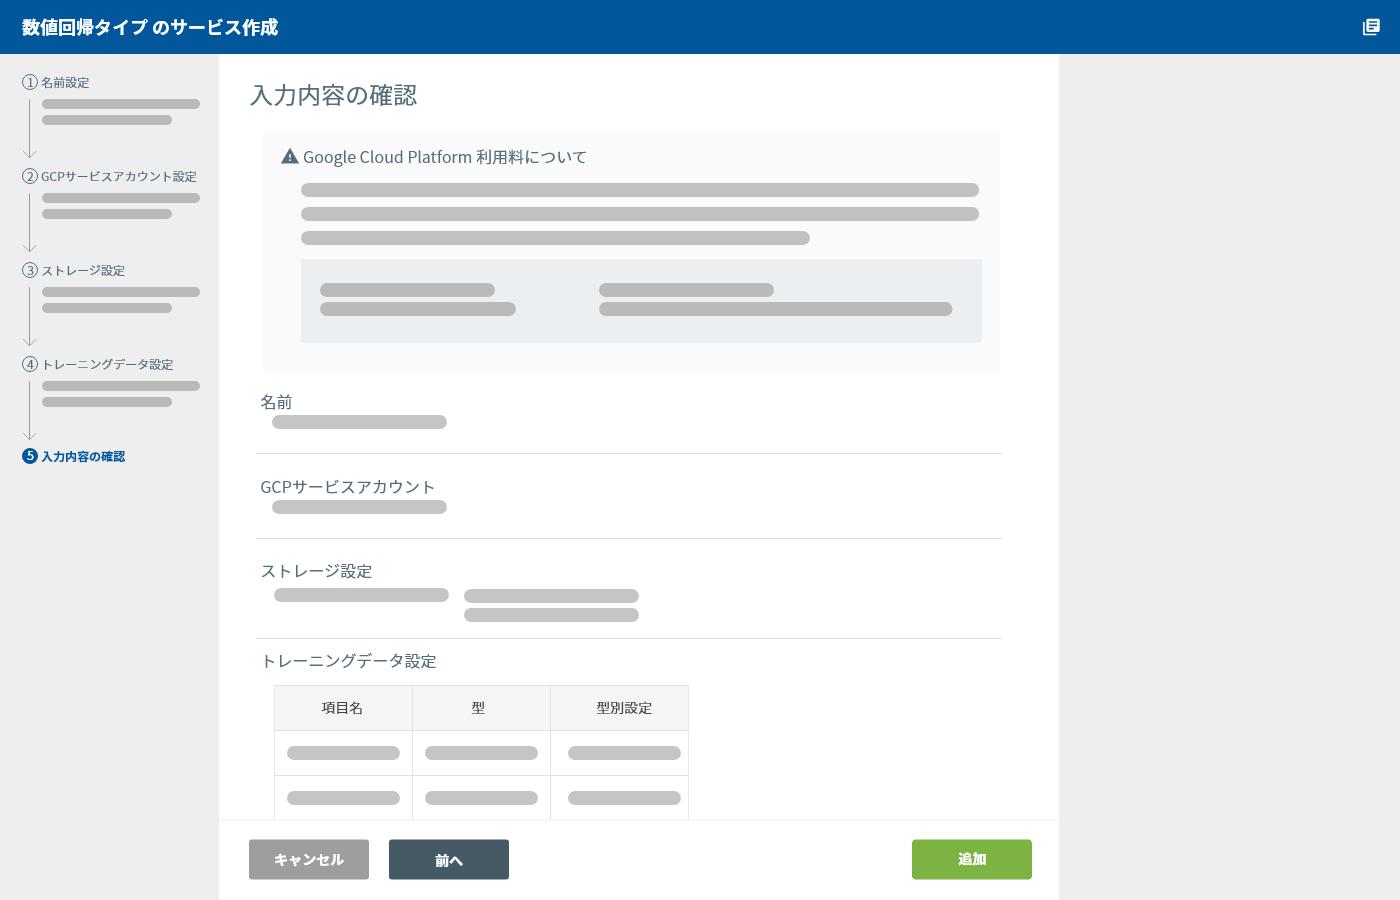 モデルジェネレーター(数値回帰タイプ)作成の入力内容の確認画面